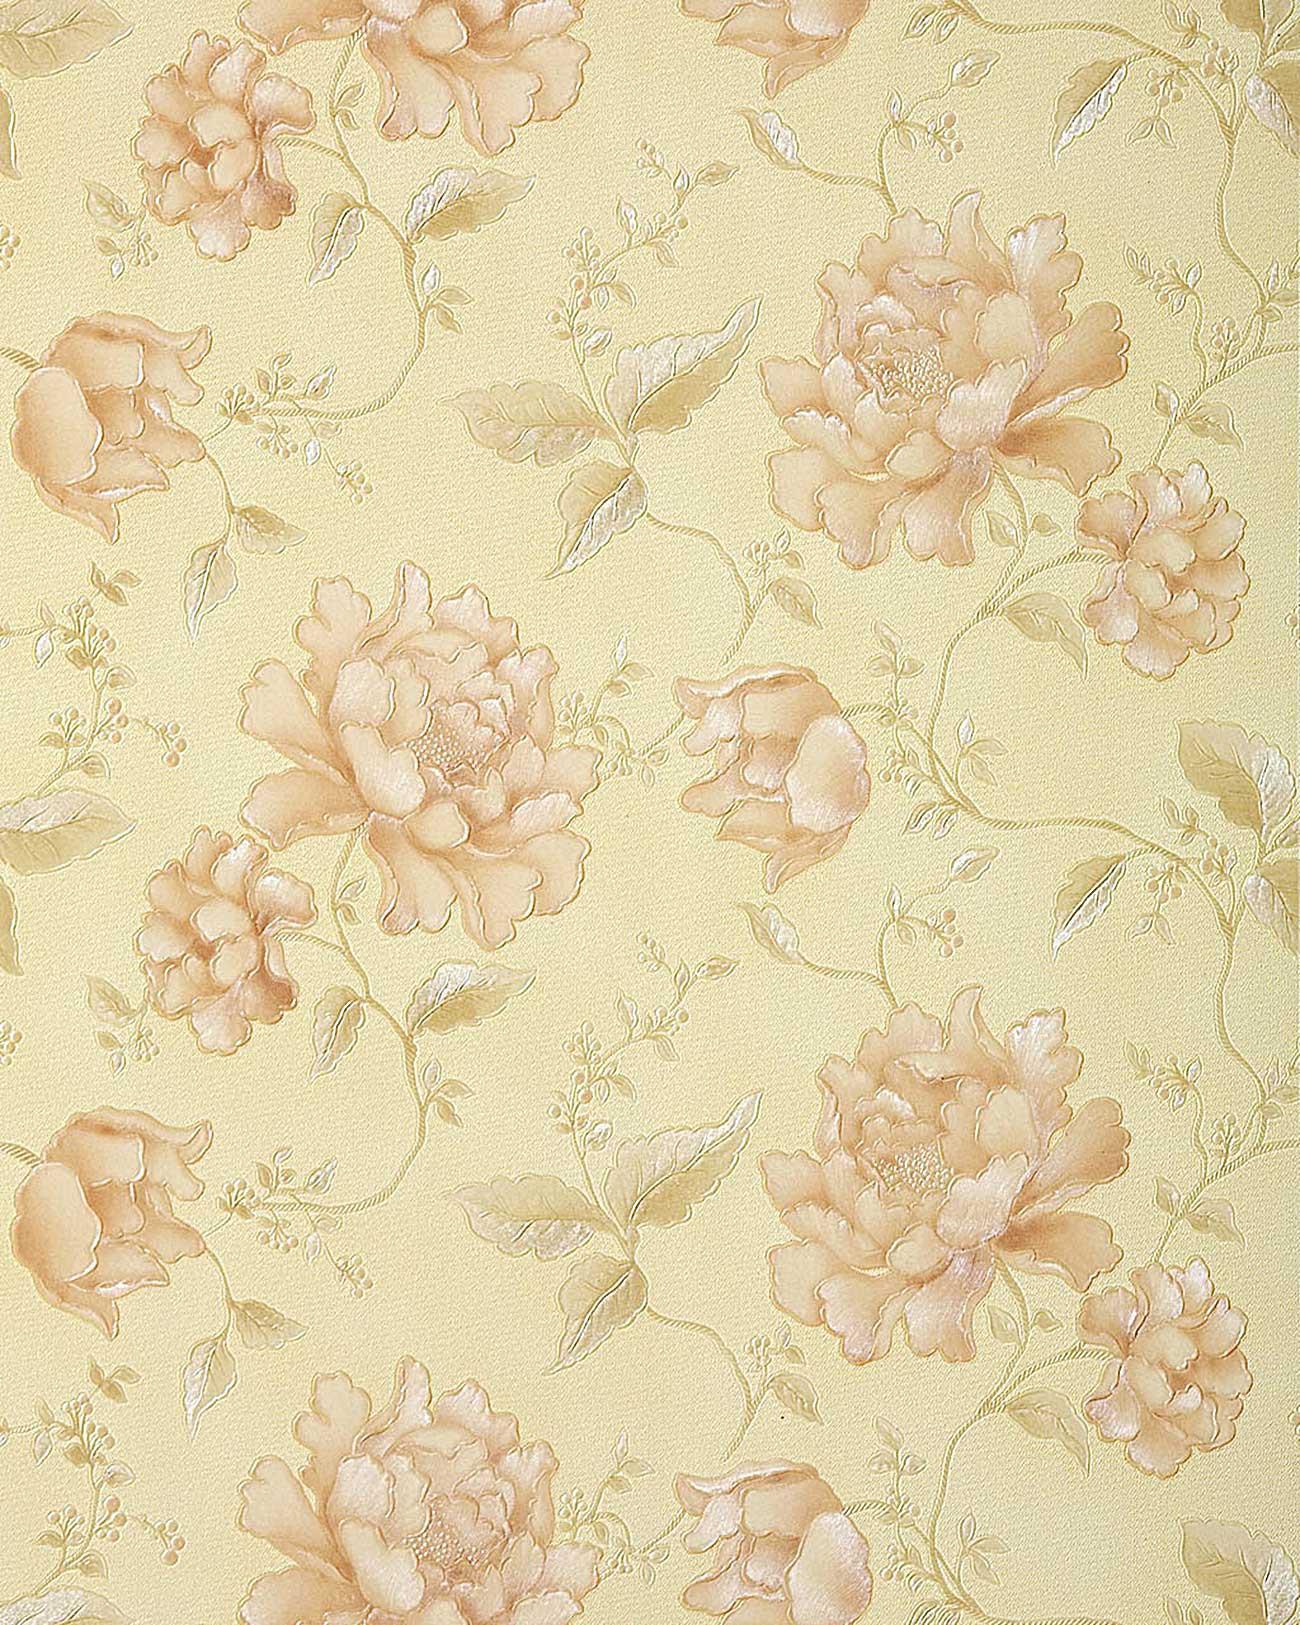 Carta da parati goffrata a fiori in 3d edem 748 31 in for Carta da parati beige